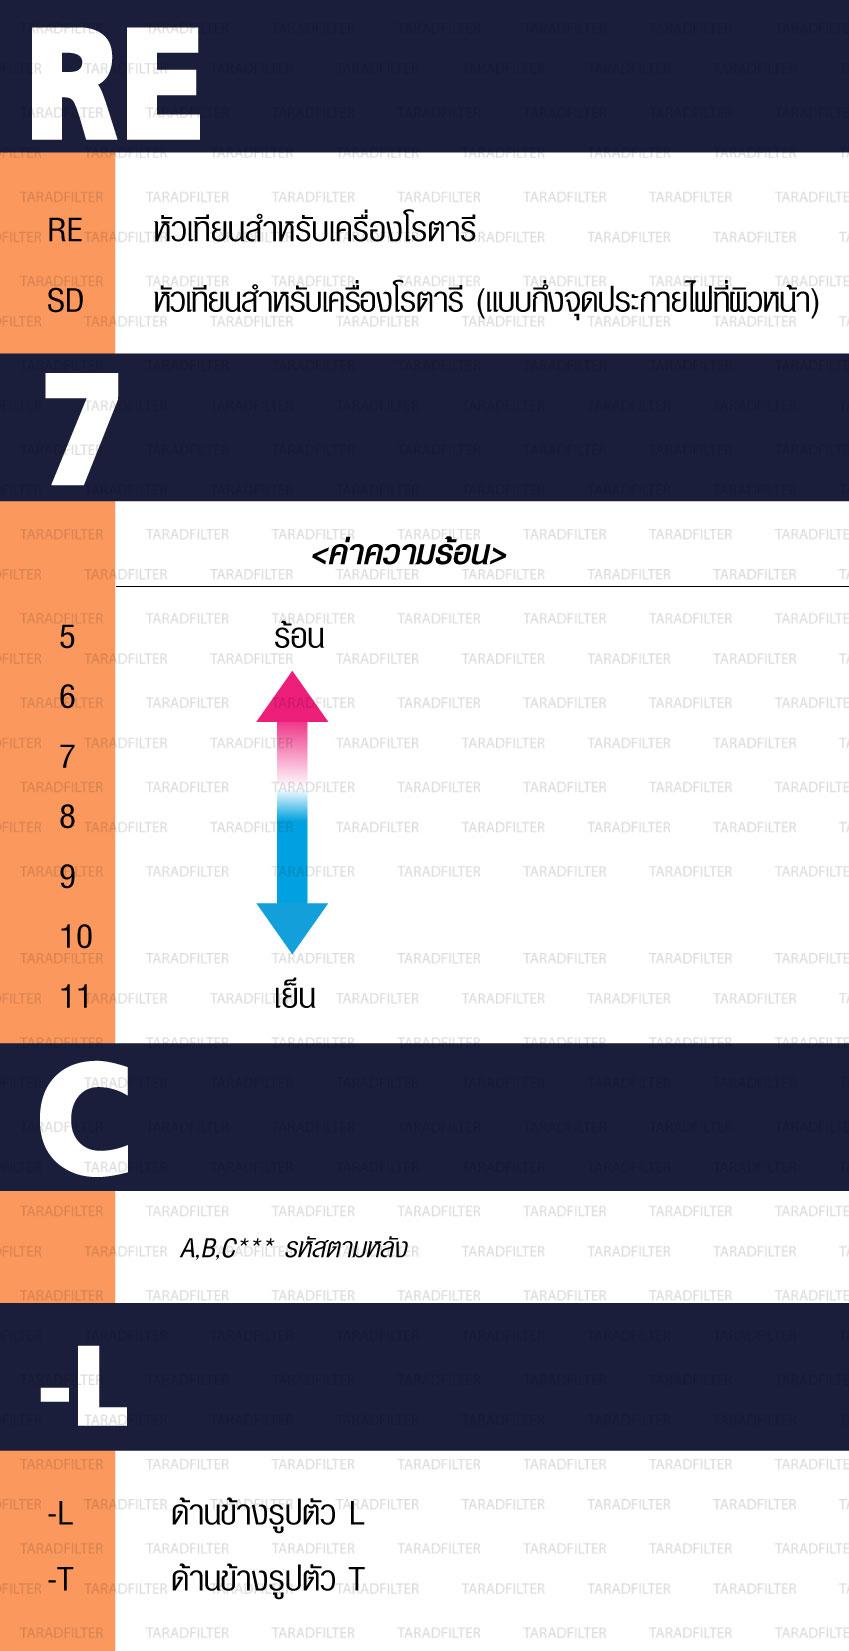 ตารางอ่านหัวเทียนภาคใหม่ พากค์ไทย